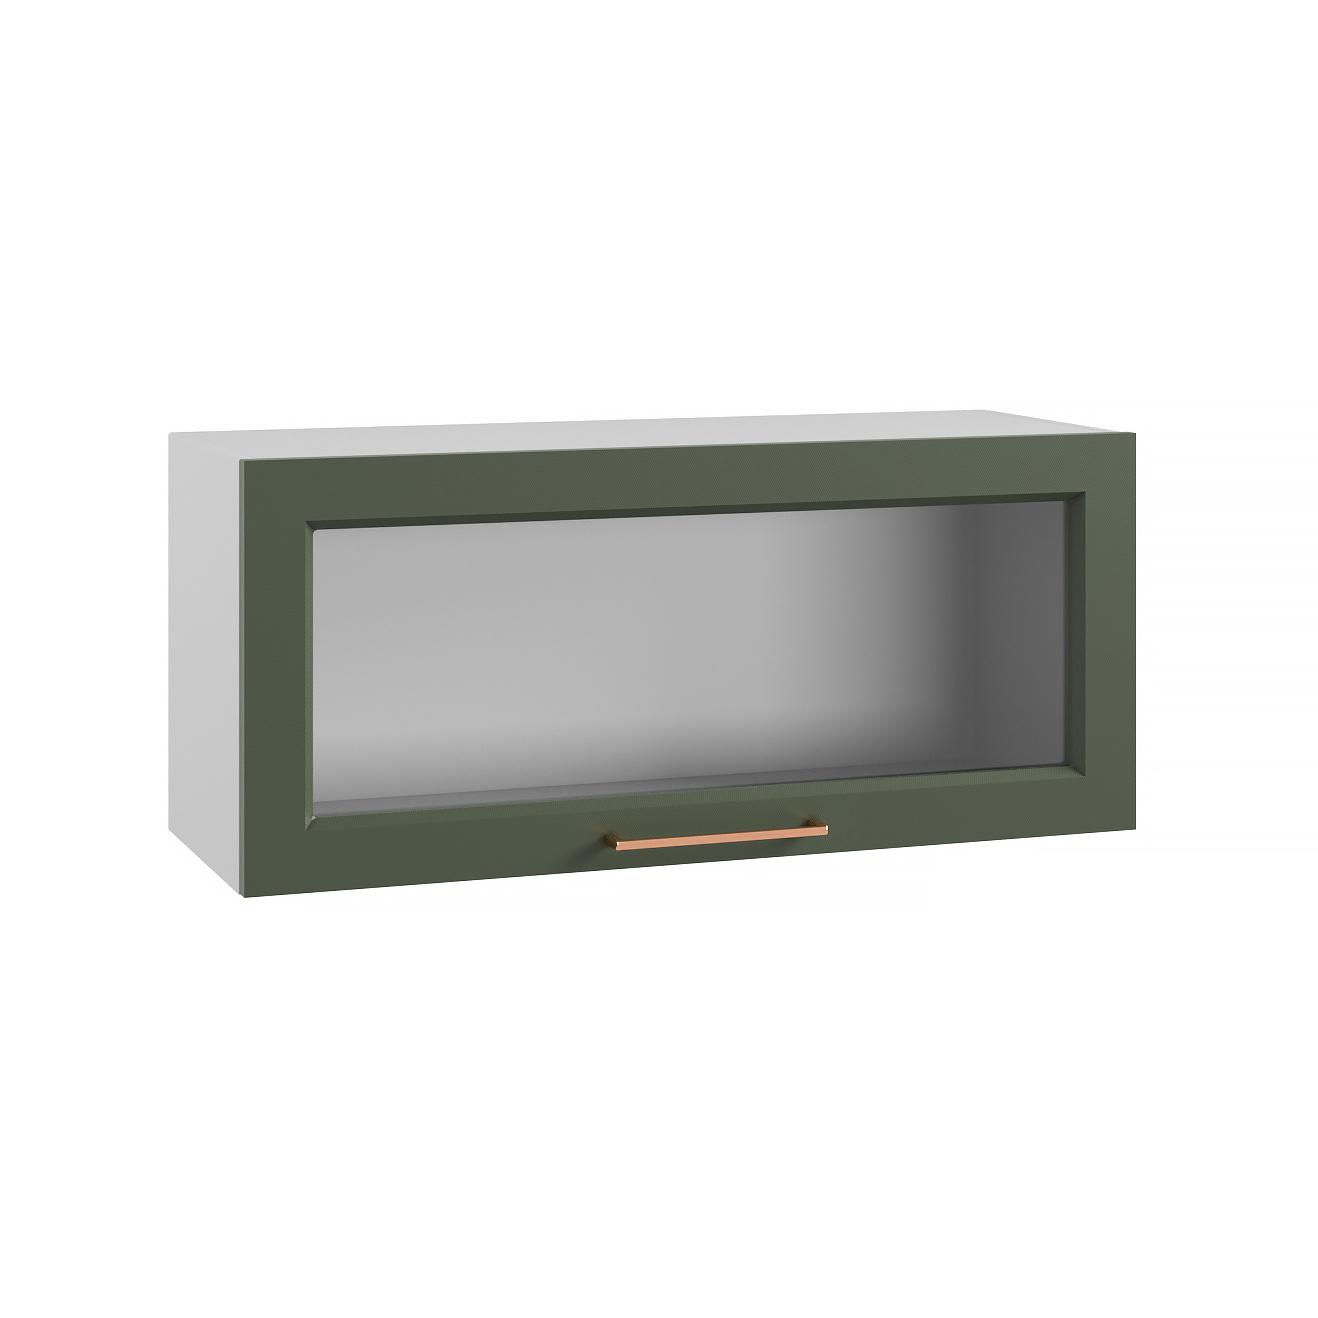 Кухня Квадро ПГС 800 Шкаф верхний горизонтальный стекло